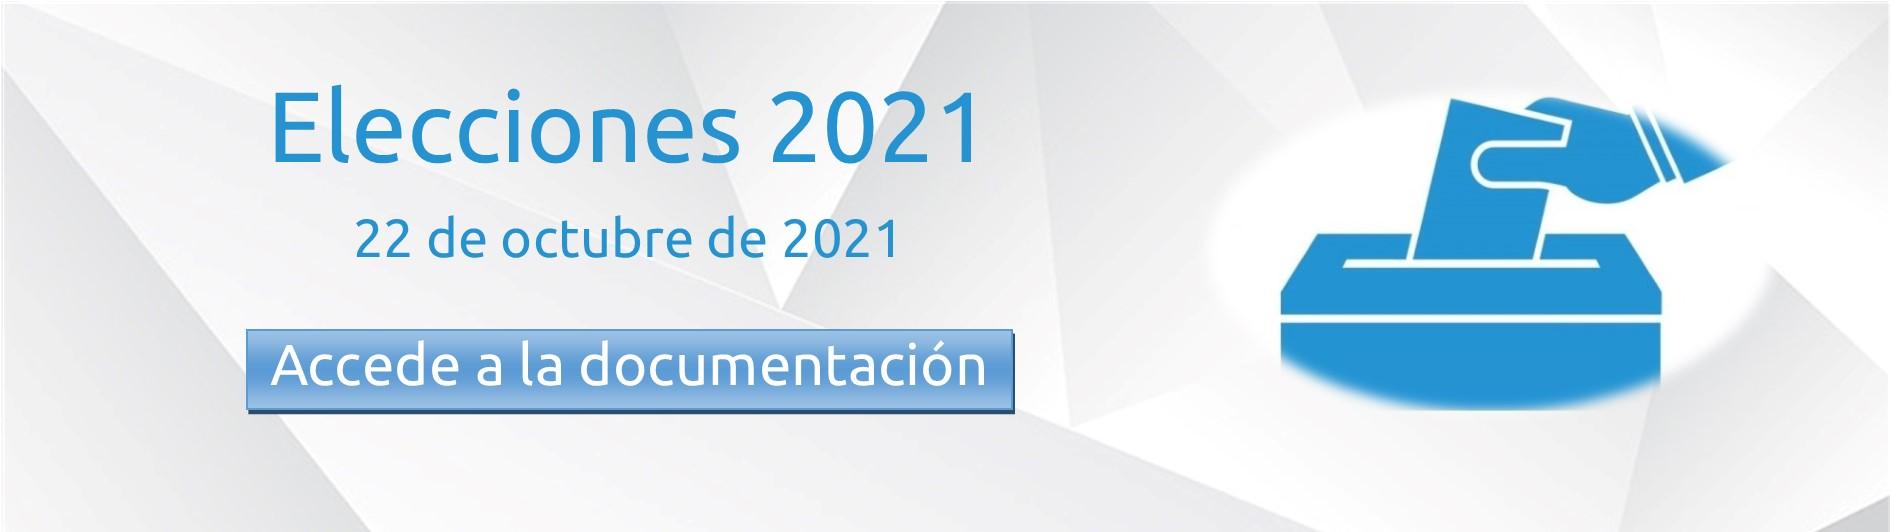 slider-elecciones-1